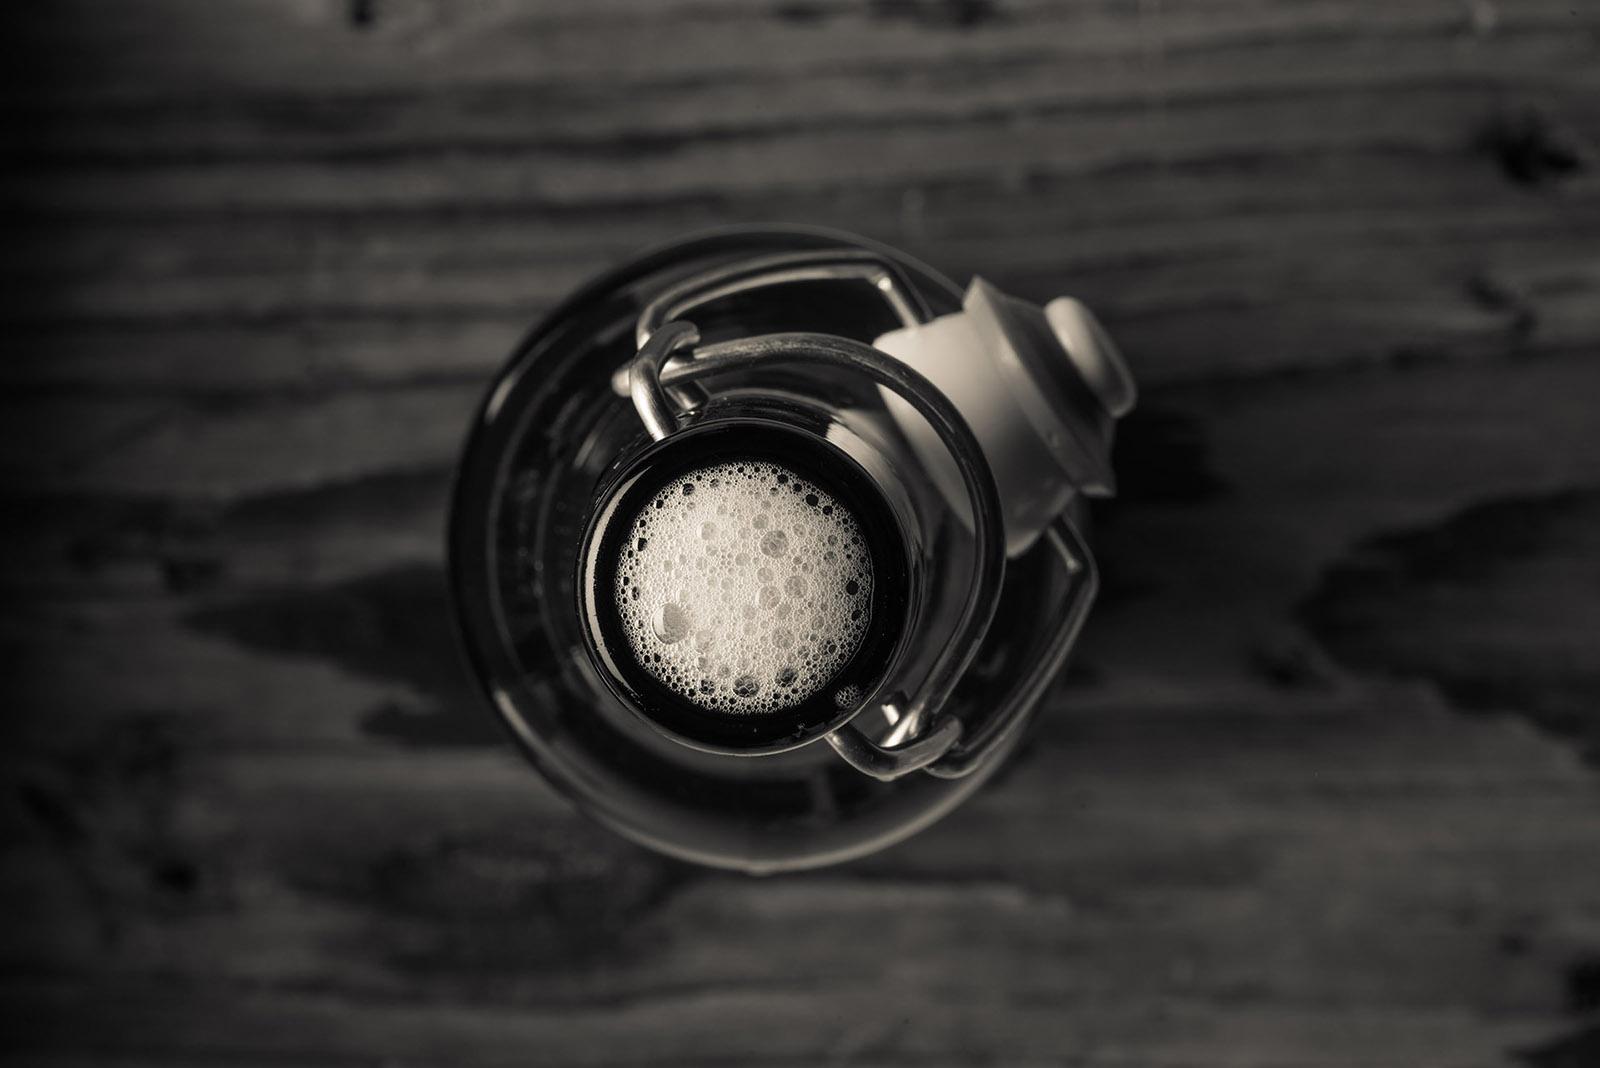 Geöffnete Bügelbierflasche mit Schaumkrone in Vogelperspektive und schwarz-weiß. Feigefotodesign